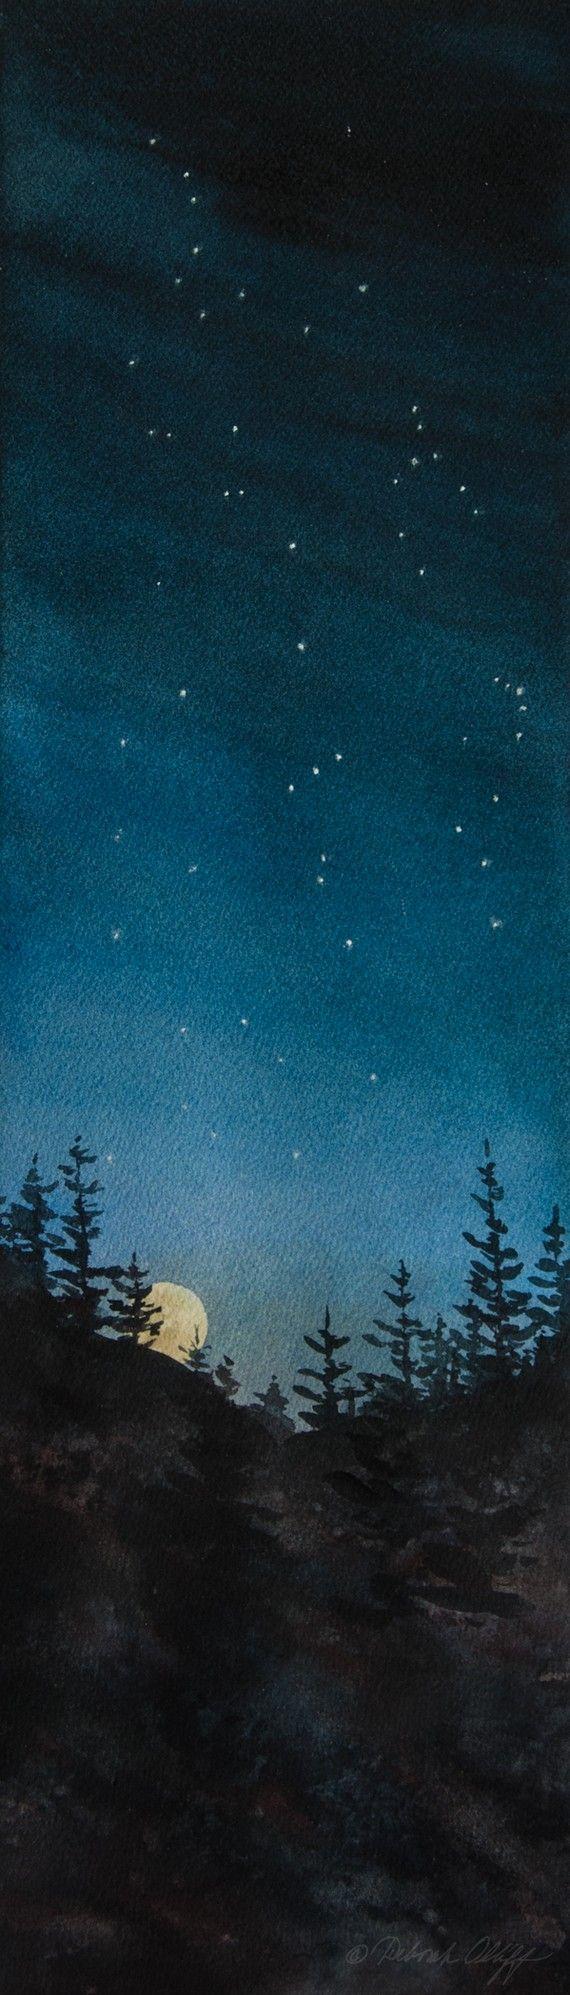 Drawn night sky moon painting Moon 25+ Silhouette Night Blue